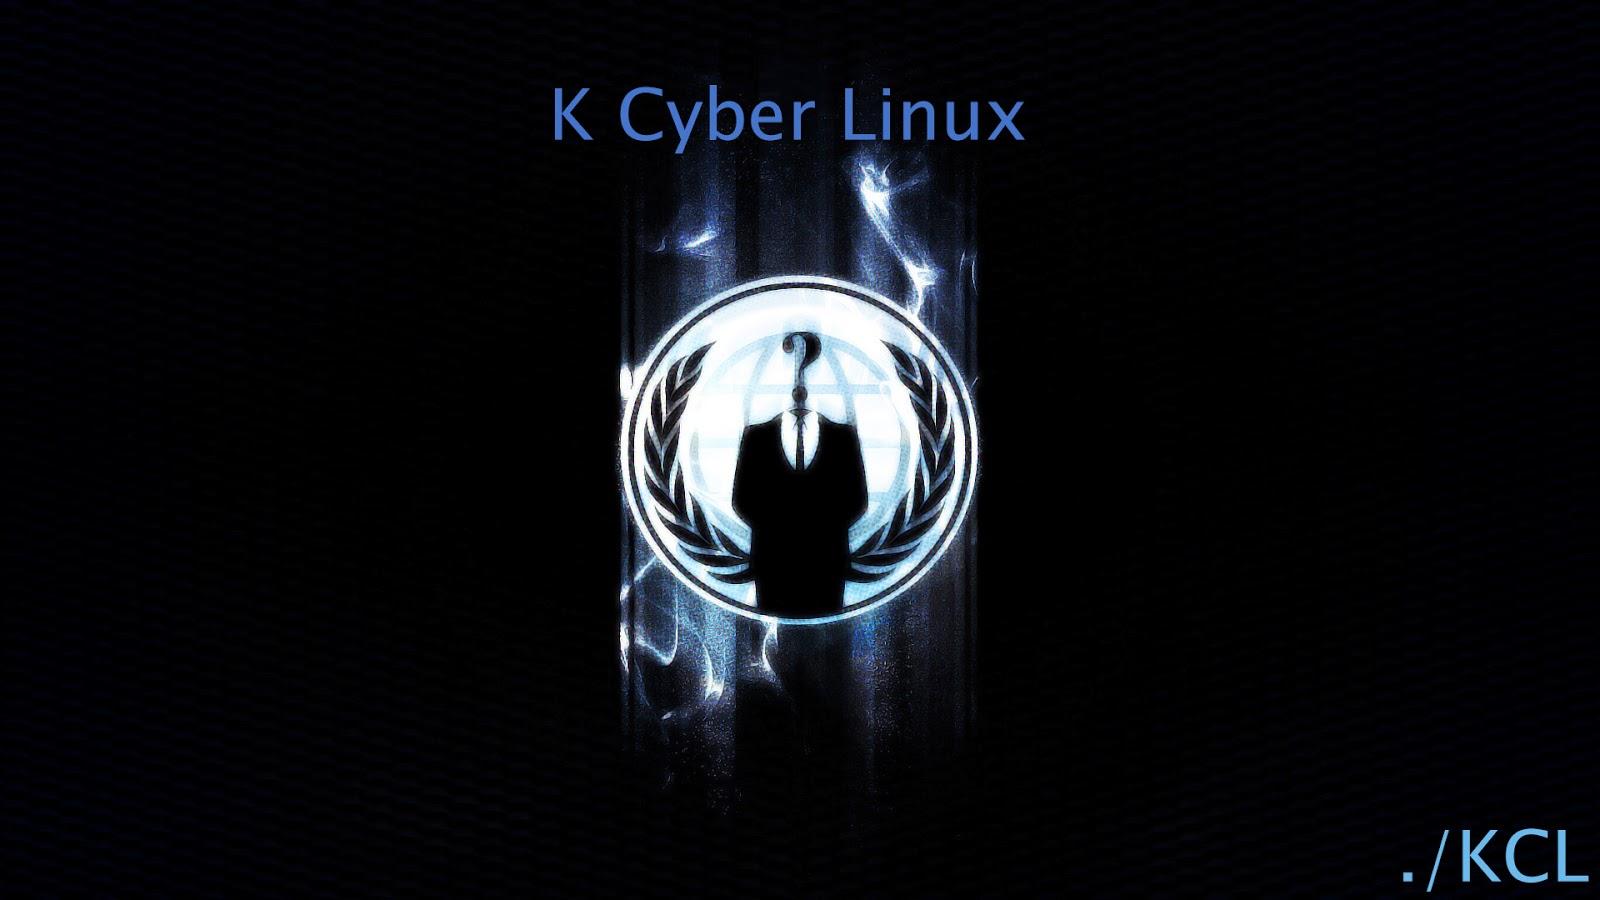 k cyber linux